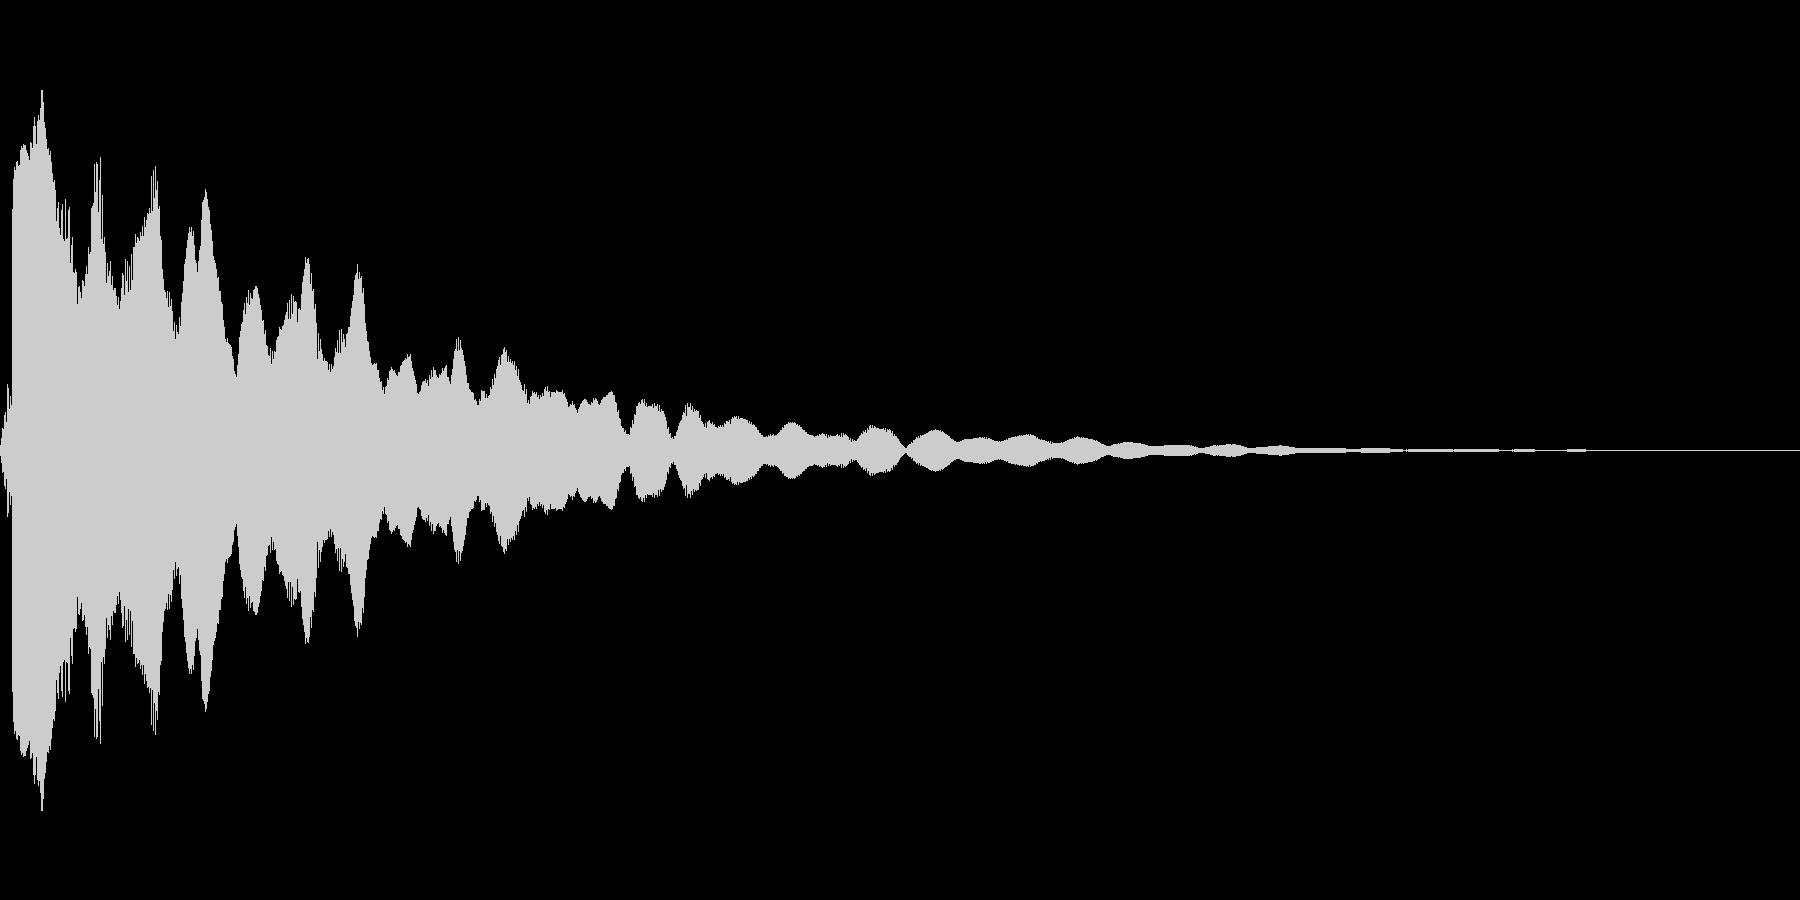 ピィィン(光などのきらめき音)の未再生の波形